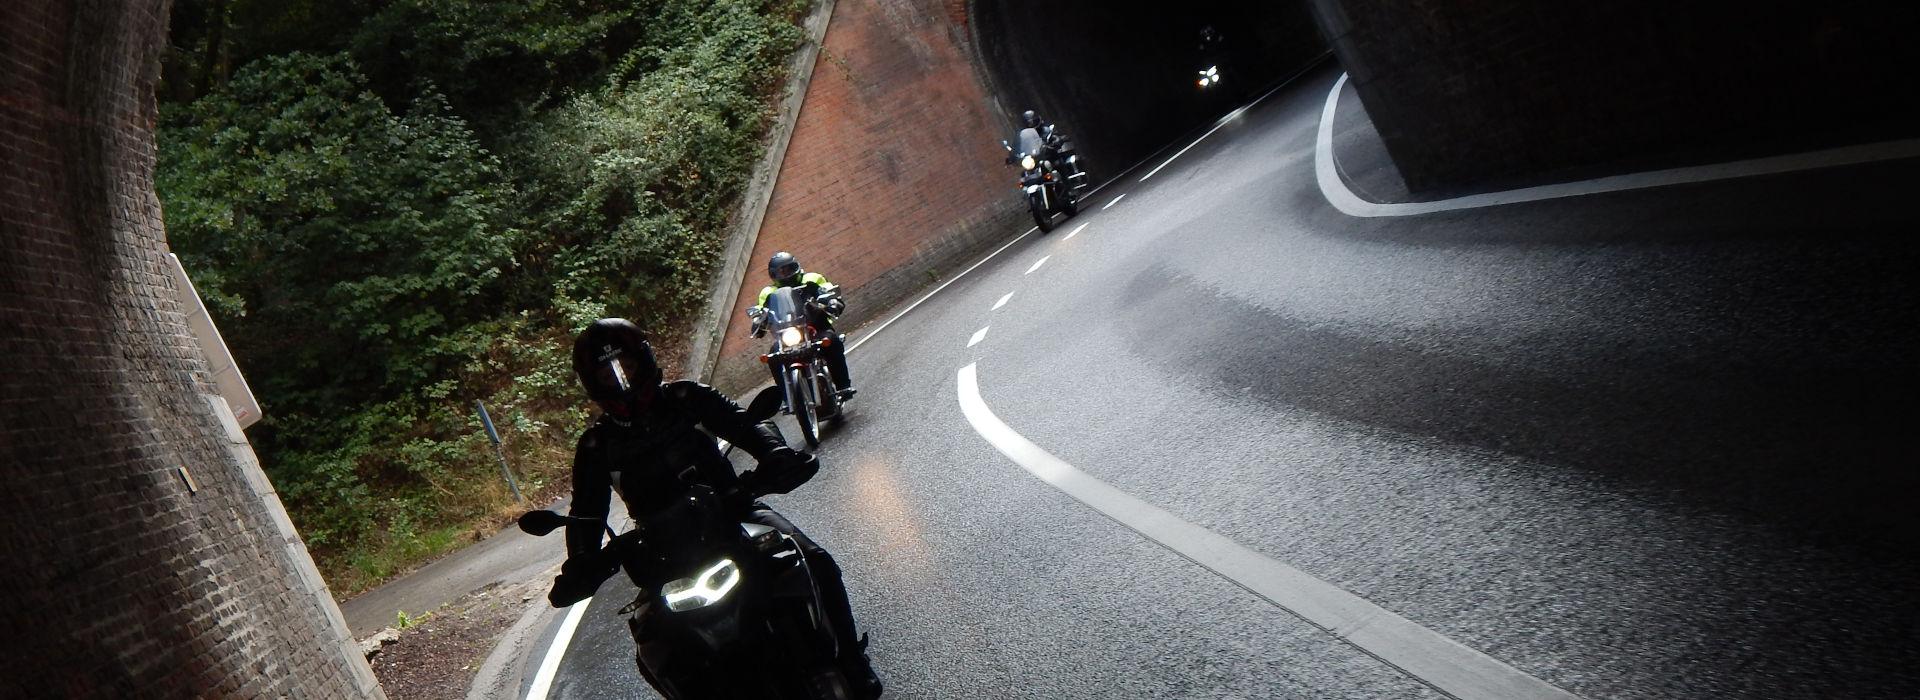 Motorrijbewijspoint Wijk bij Duurstede snelcursus motorrijbewijs